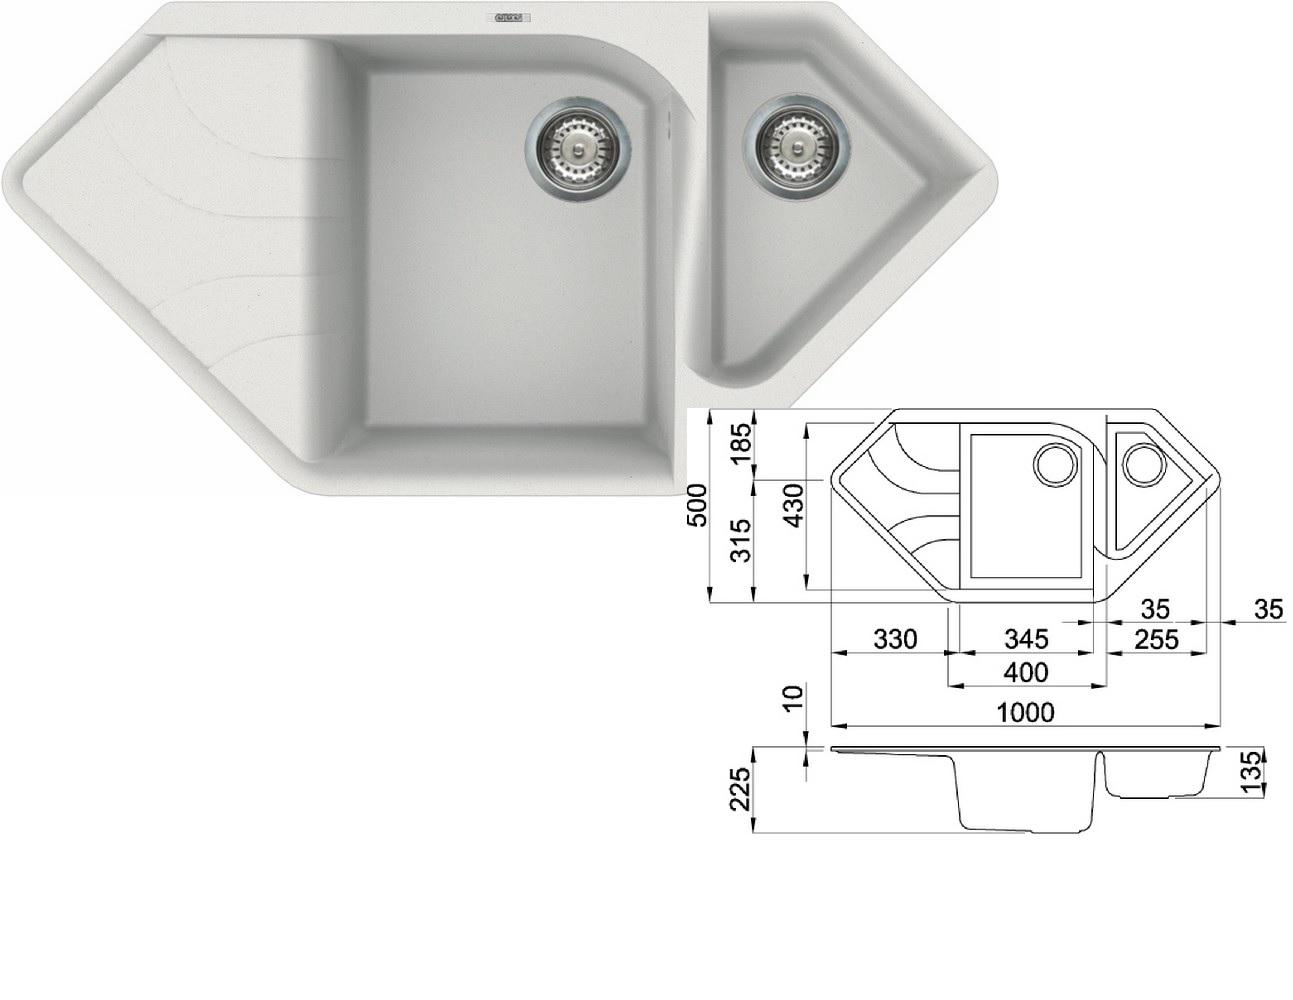 Elleci Ego Corner G68 Bianco Titano Granitový Rohový Dřez Dárek A Záruka 10 Let